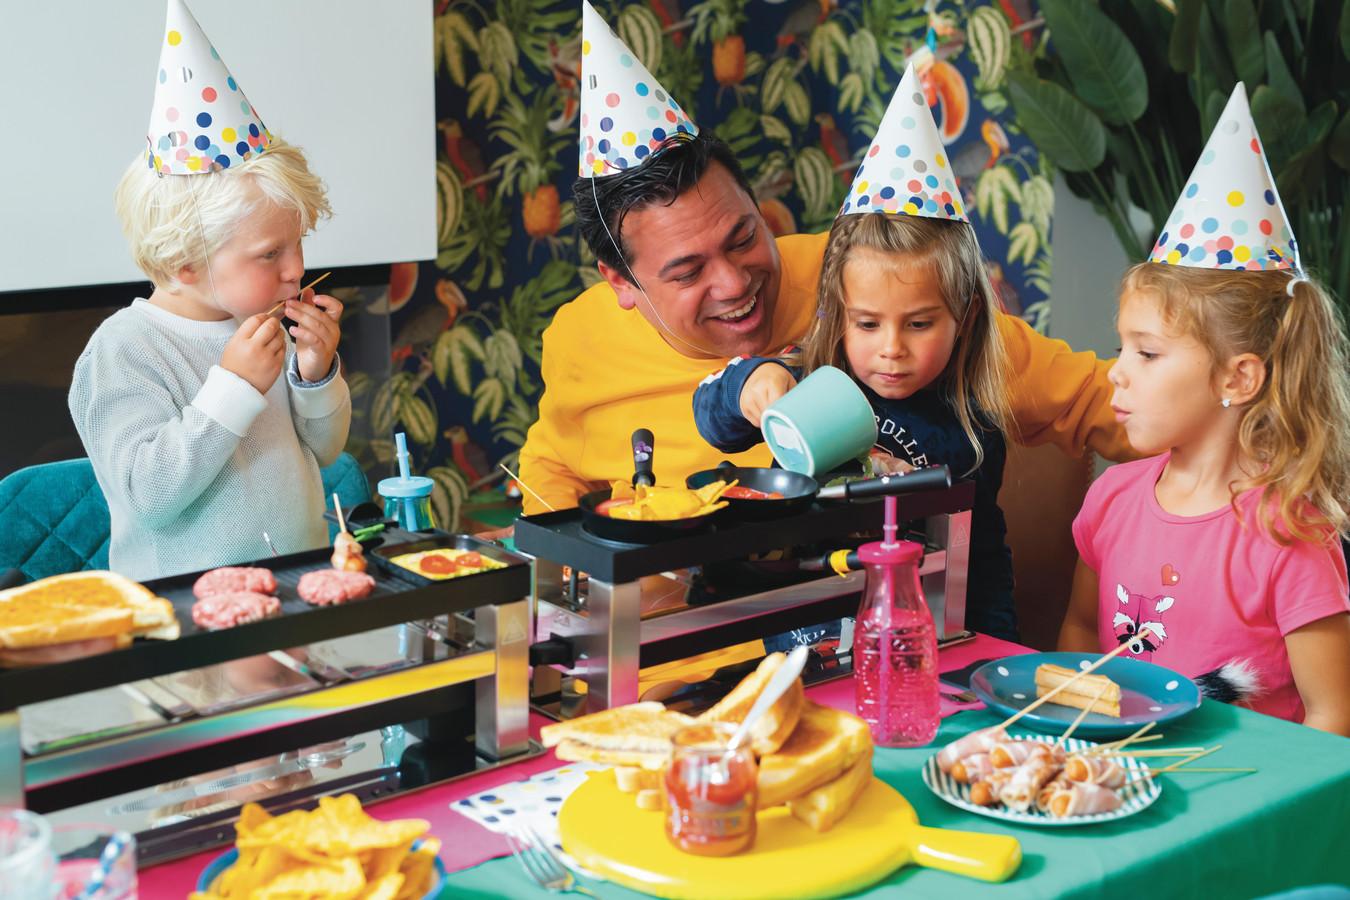 Danny Jansen, met op schoot dochter Jones, links haar vriendje Vic en rechts vriendin Zoë: : ,,Je kunt prima gourmetten op kinderfeestjes, of gewoon in het weekeinde.''